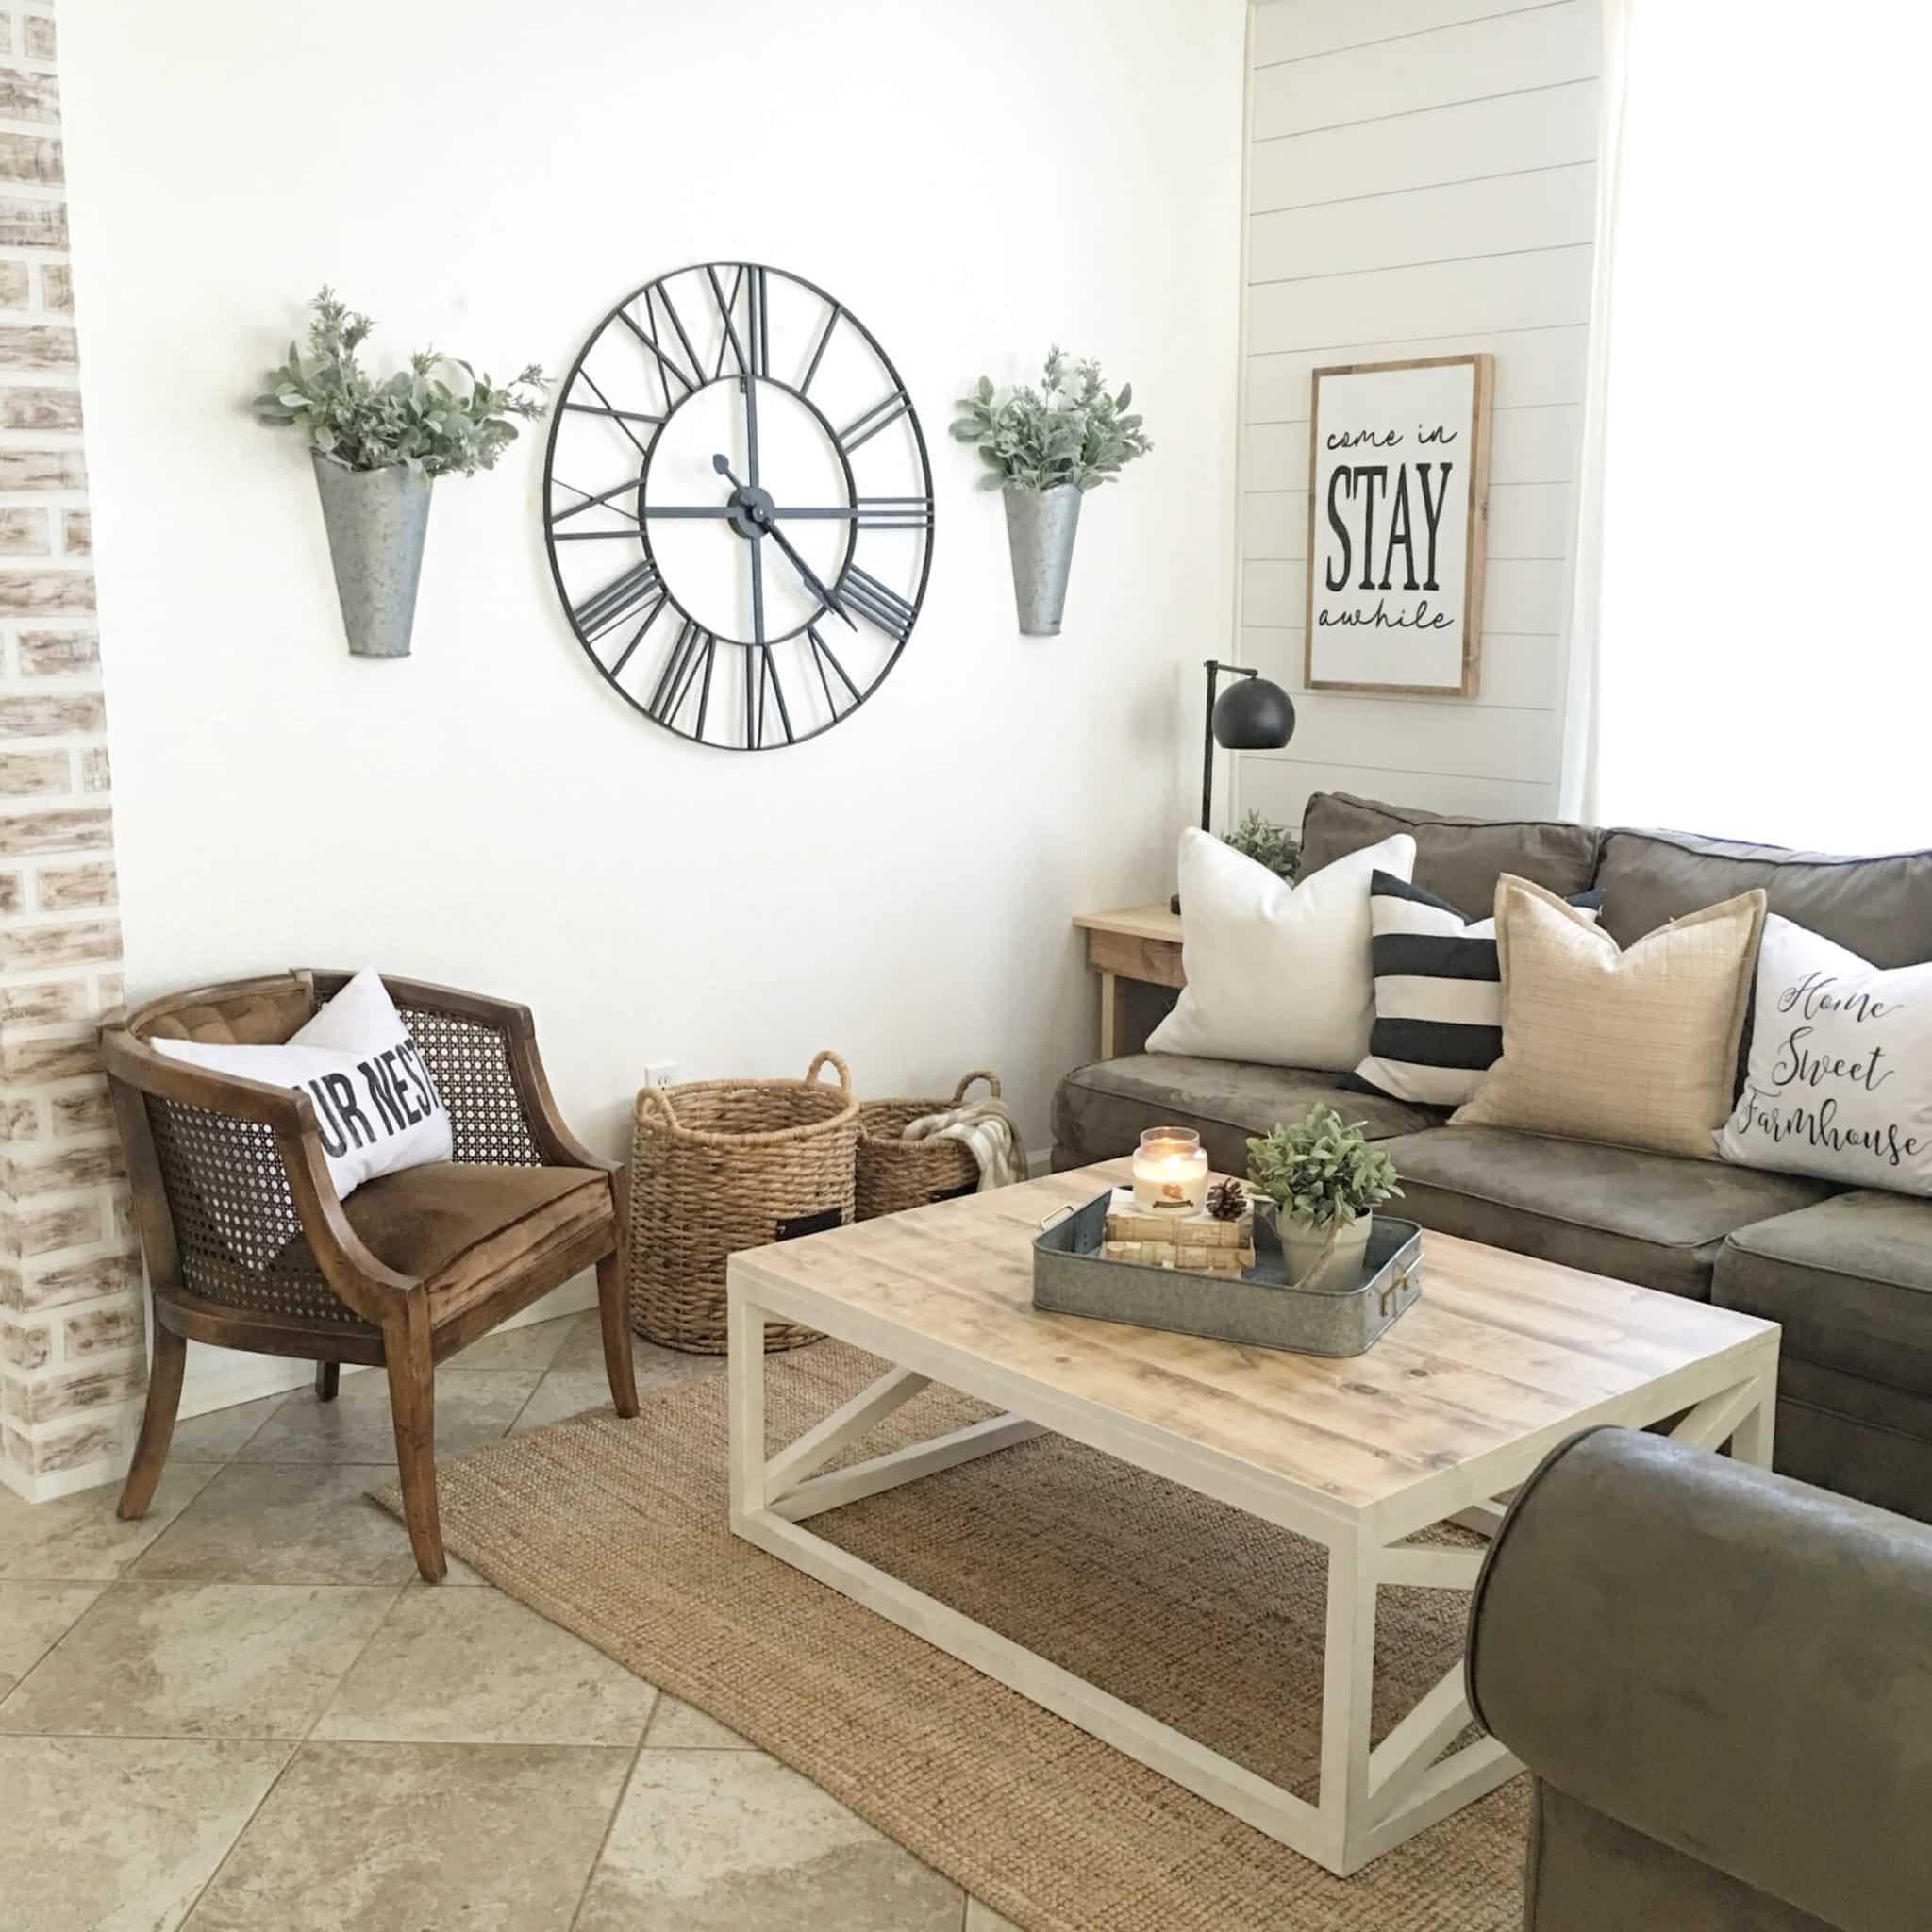 salas pequenas arquiteta 3 - 5 dicas para decorar salas pequenas